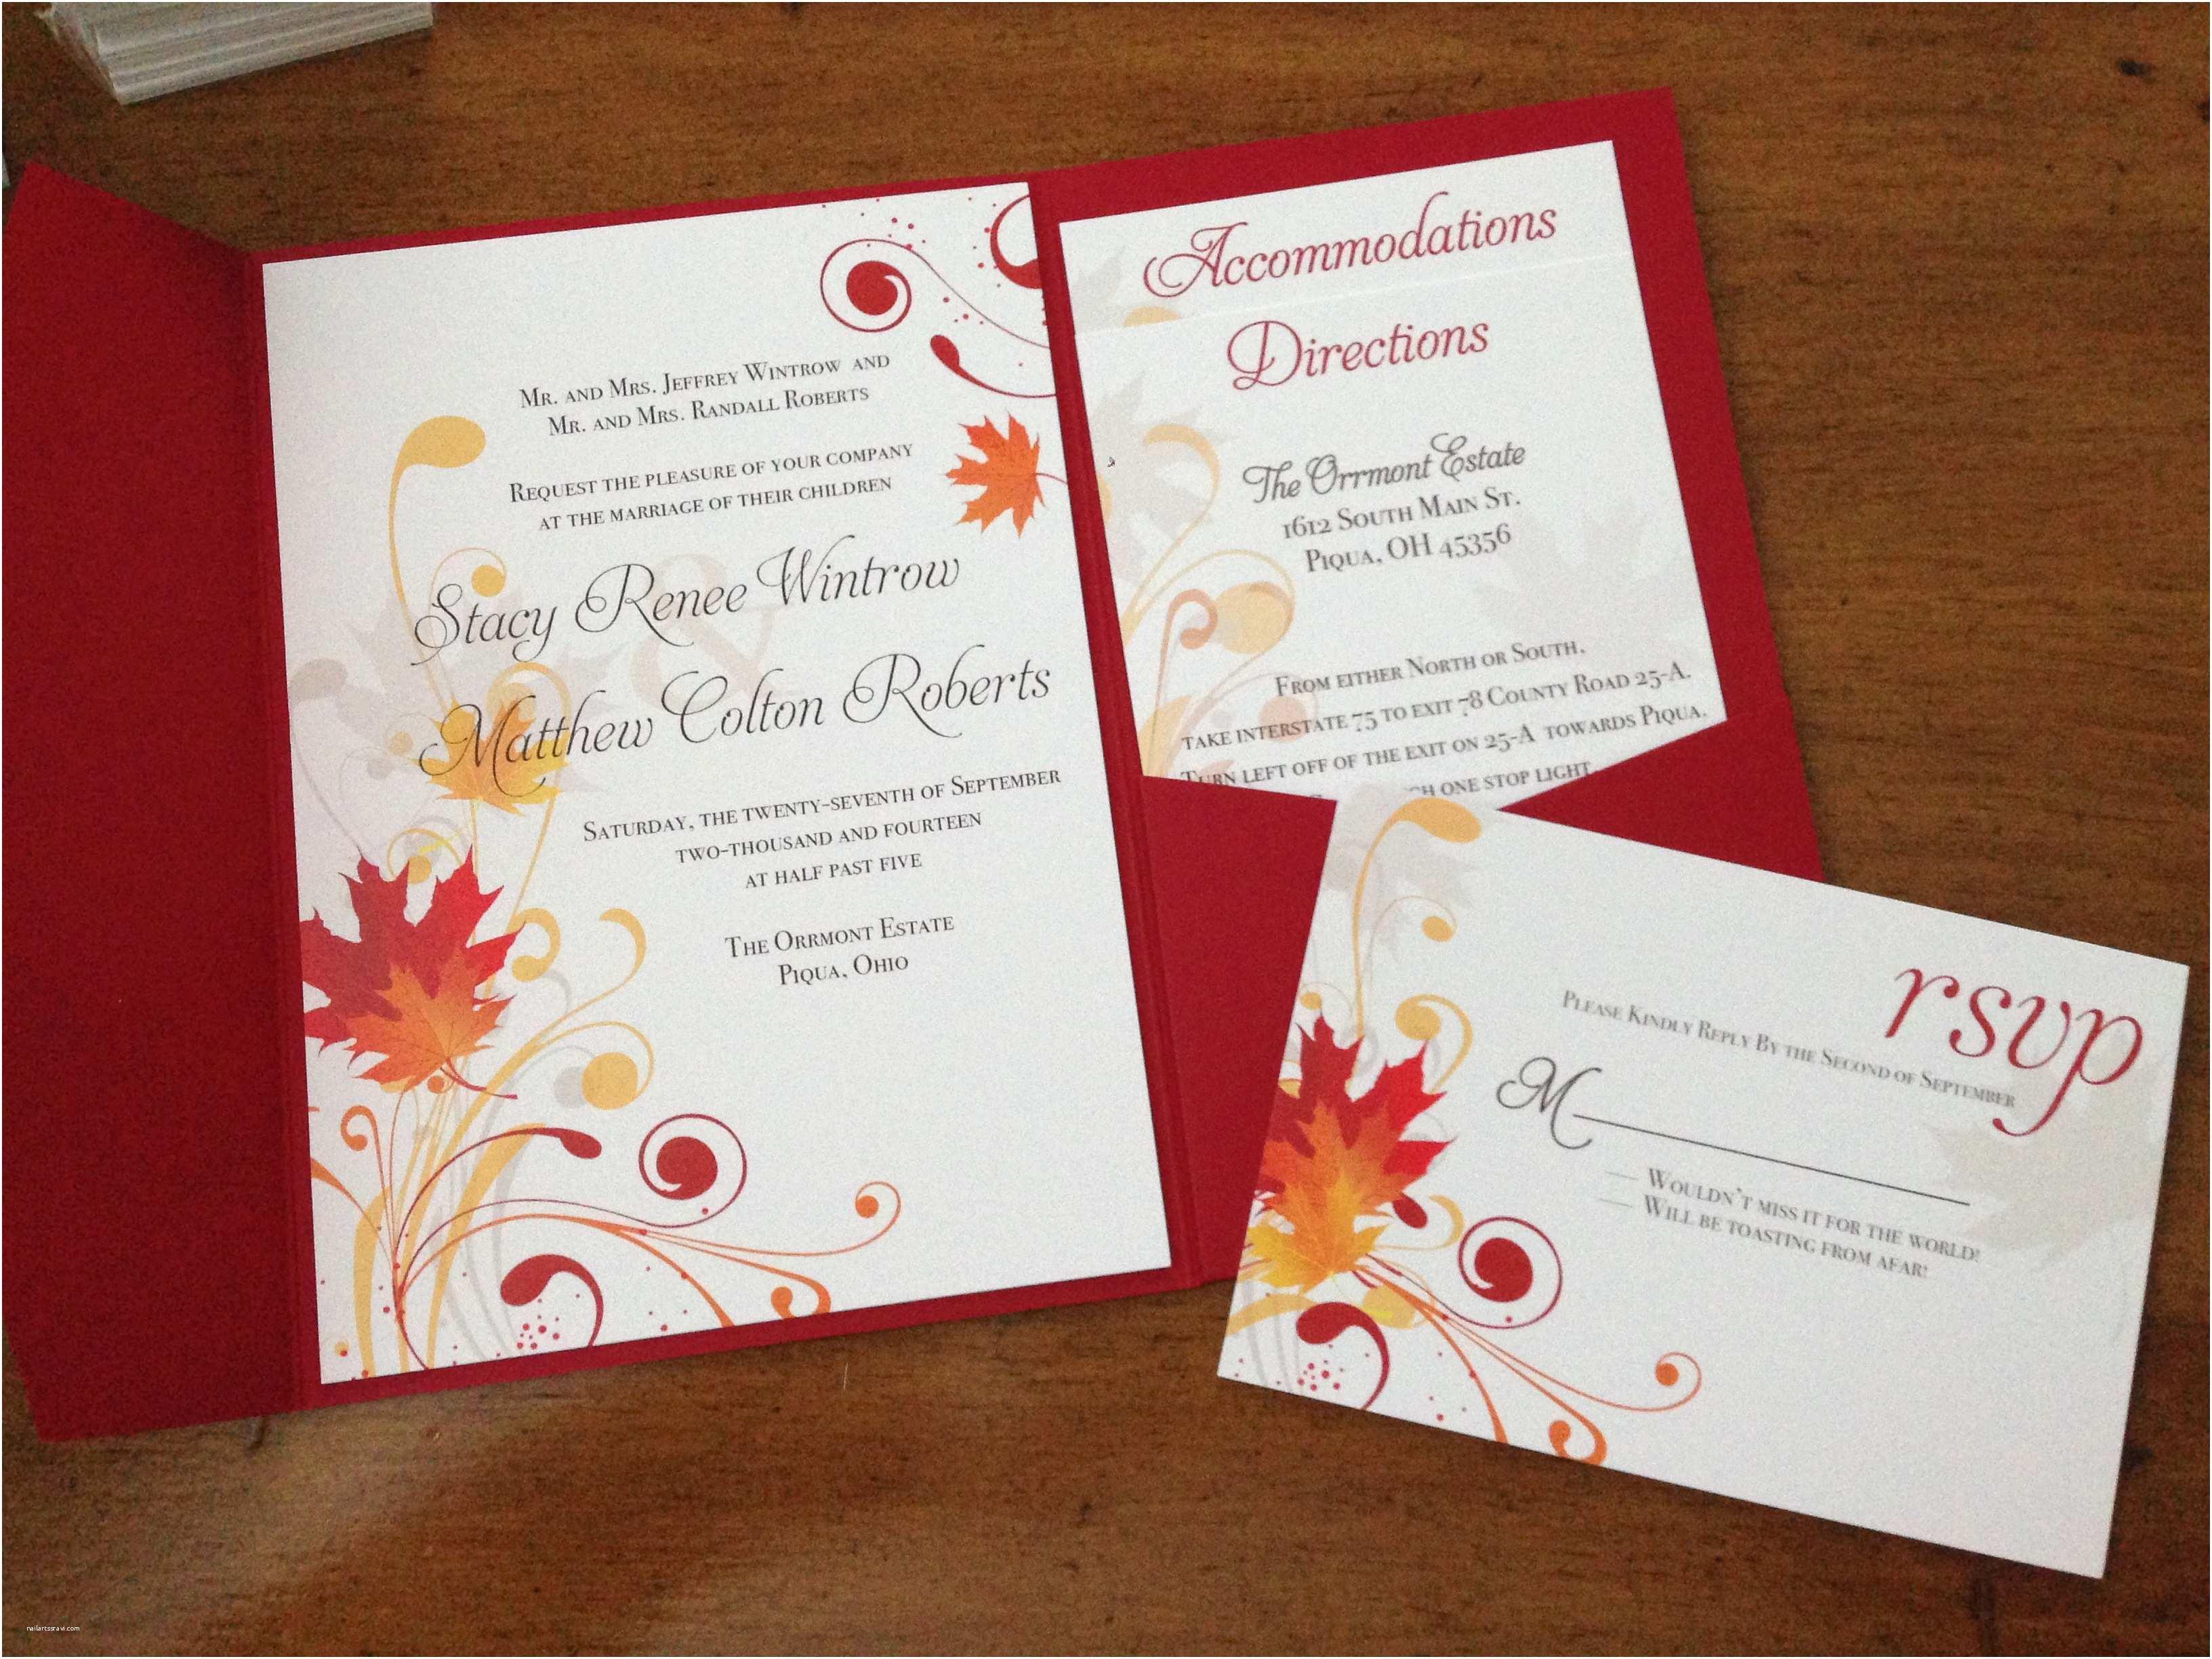 October Wedding Invitations Tips for Choosing Fall Wedding Invitations Free